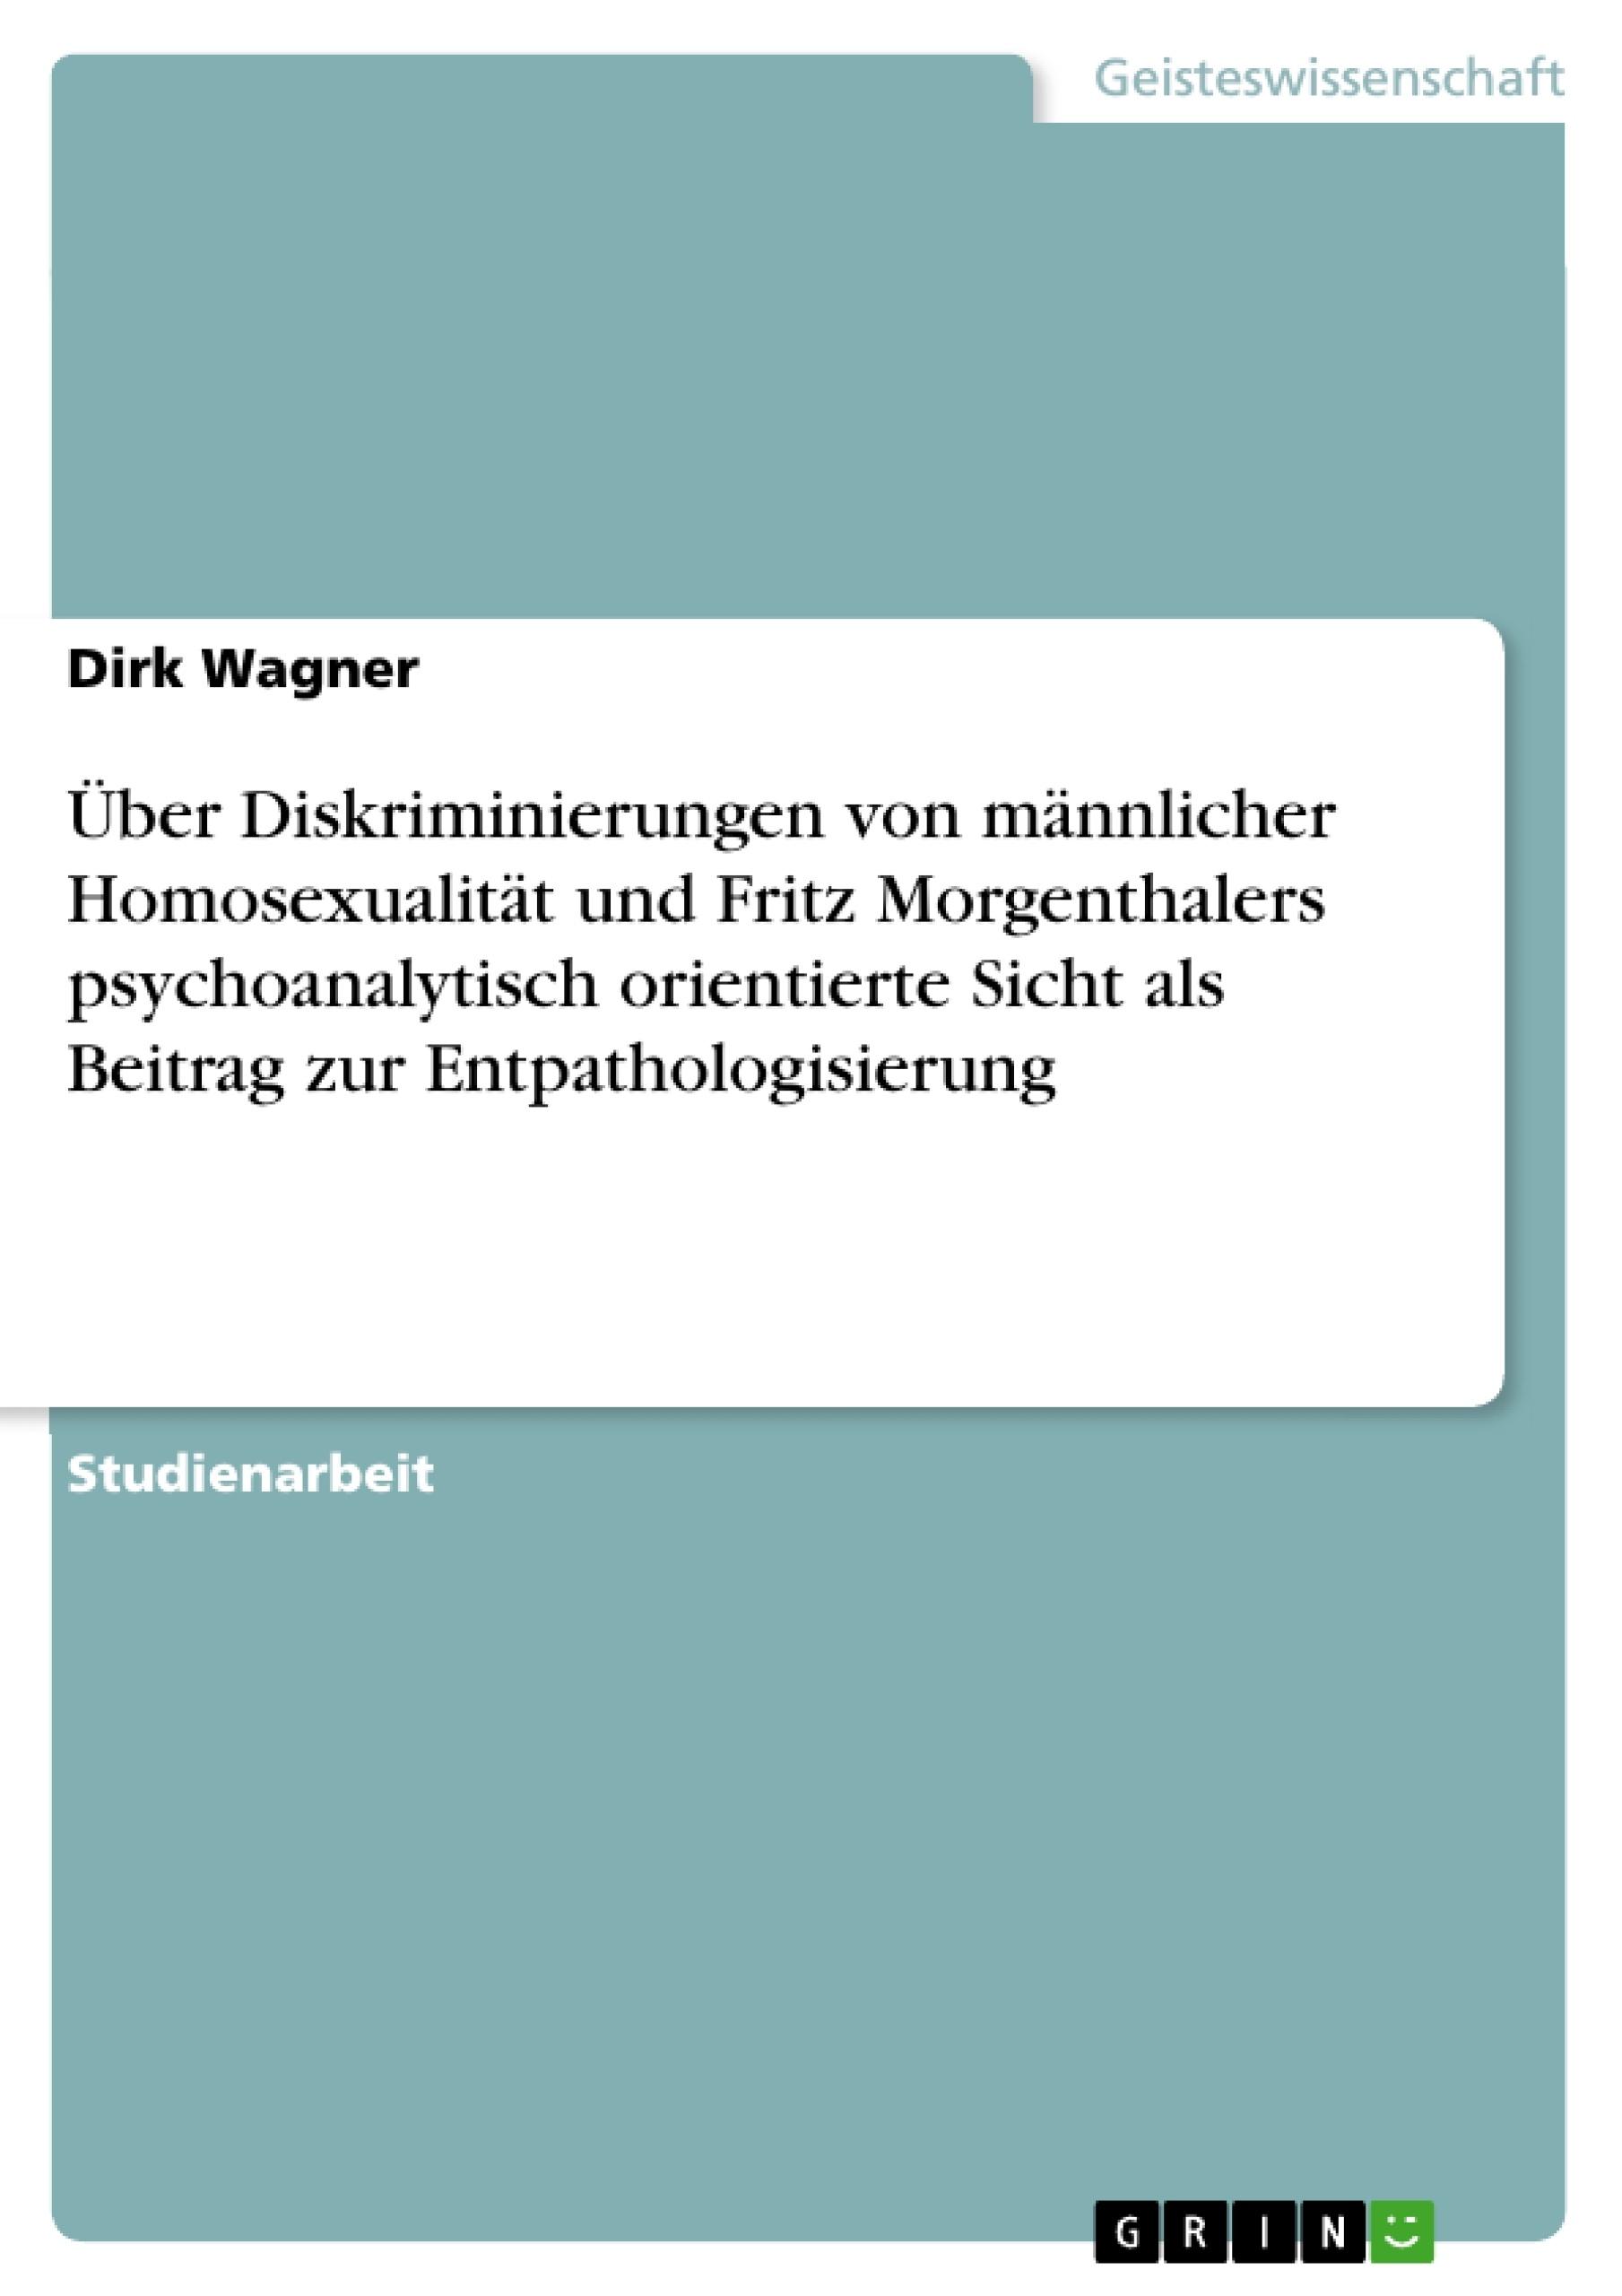 Titel: Über Diskriminierungen von männlicher Homosexualität und Fritz Morgenthalers psychoanalytisch orientierte Sicht als Beitrag zur Entpathologisierung